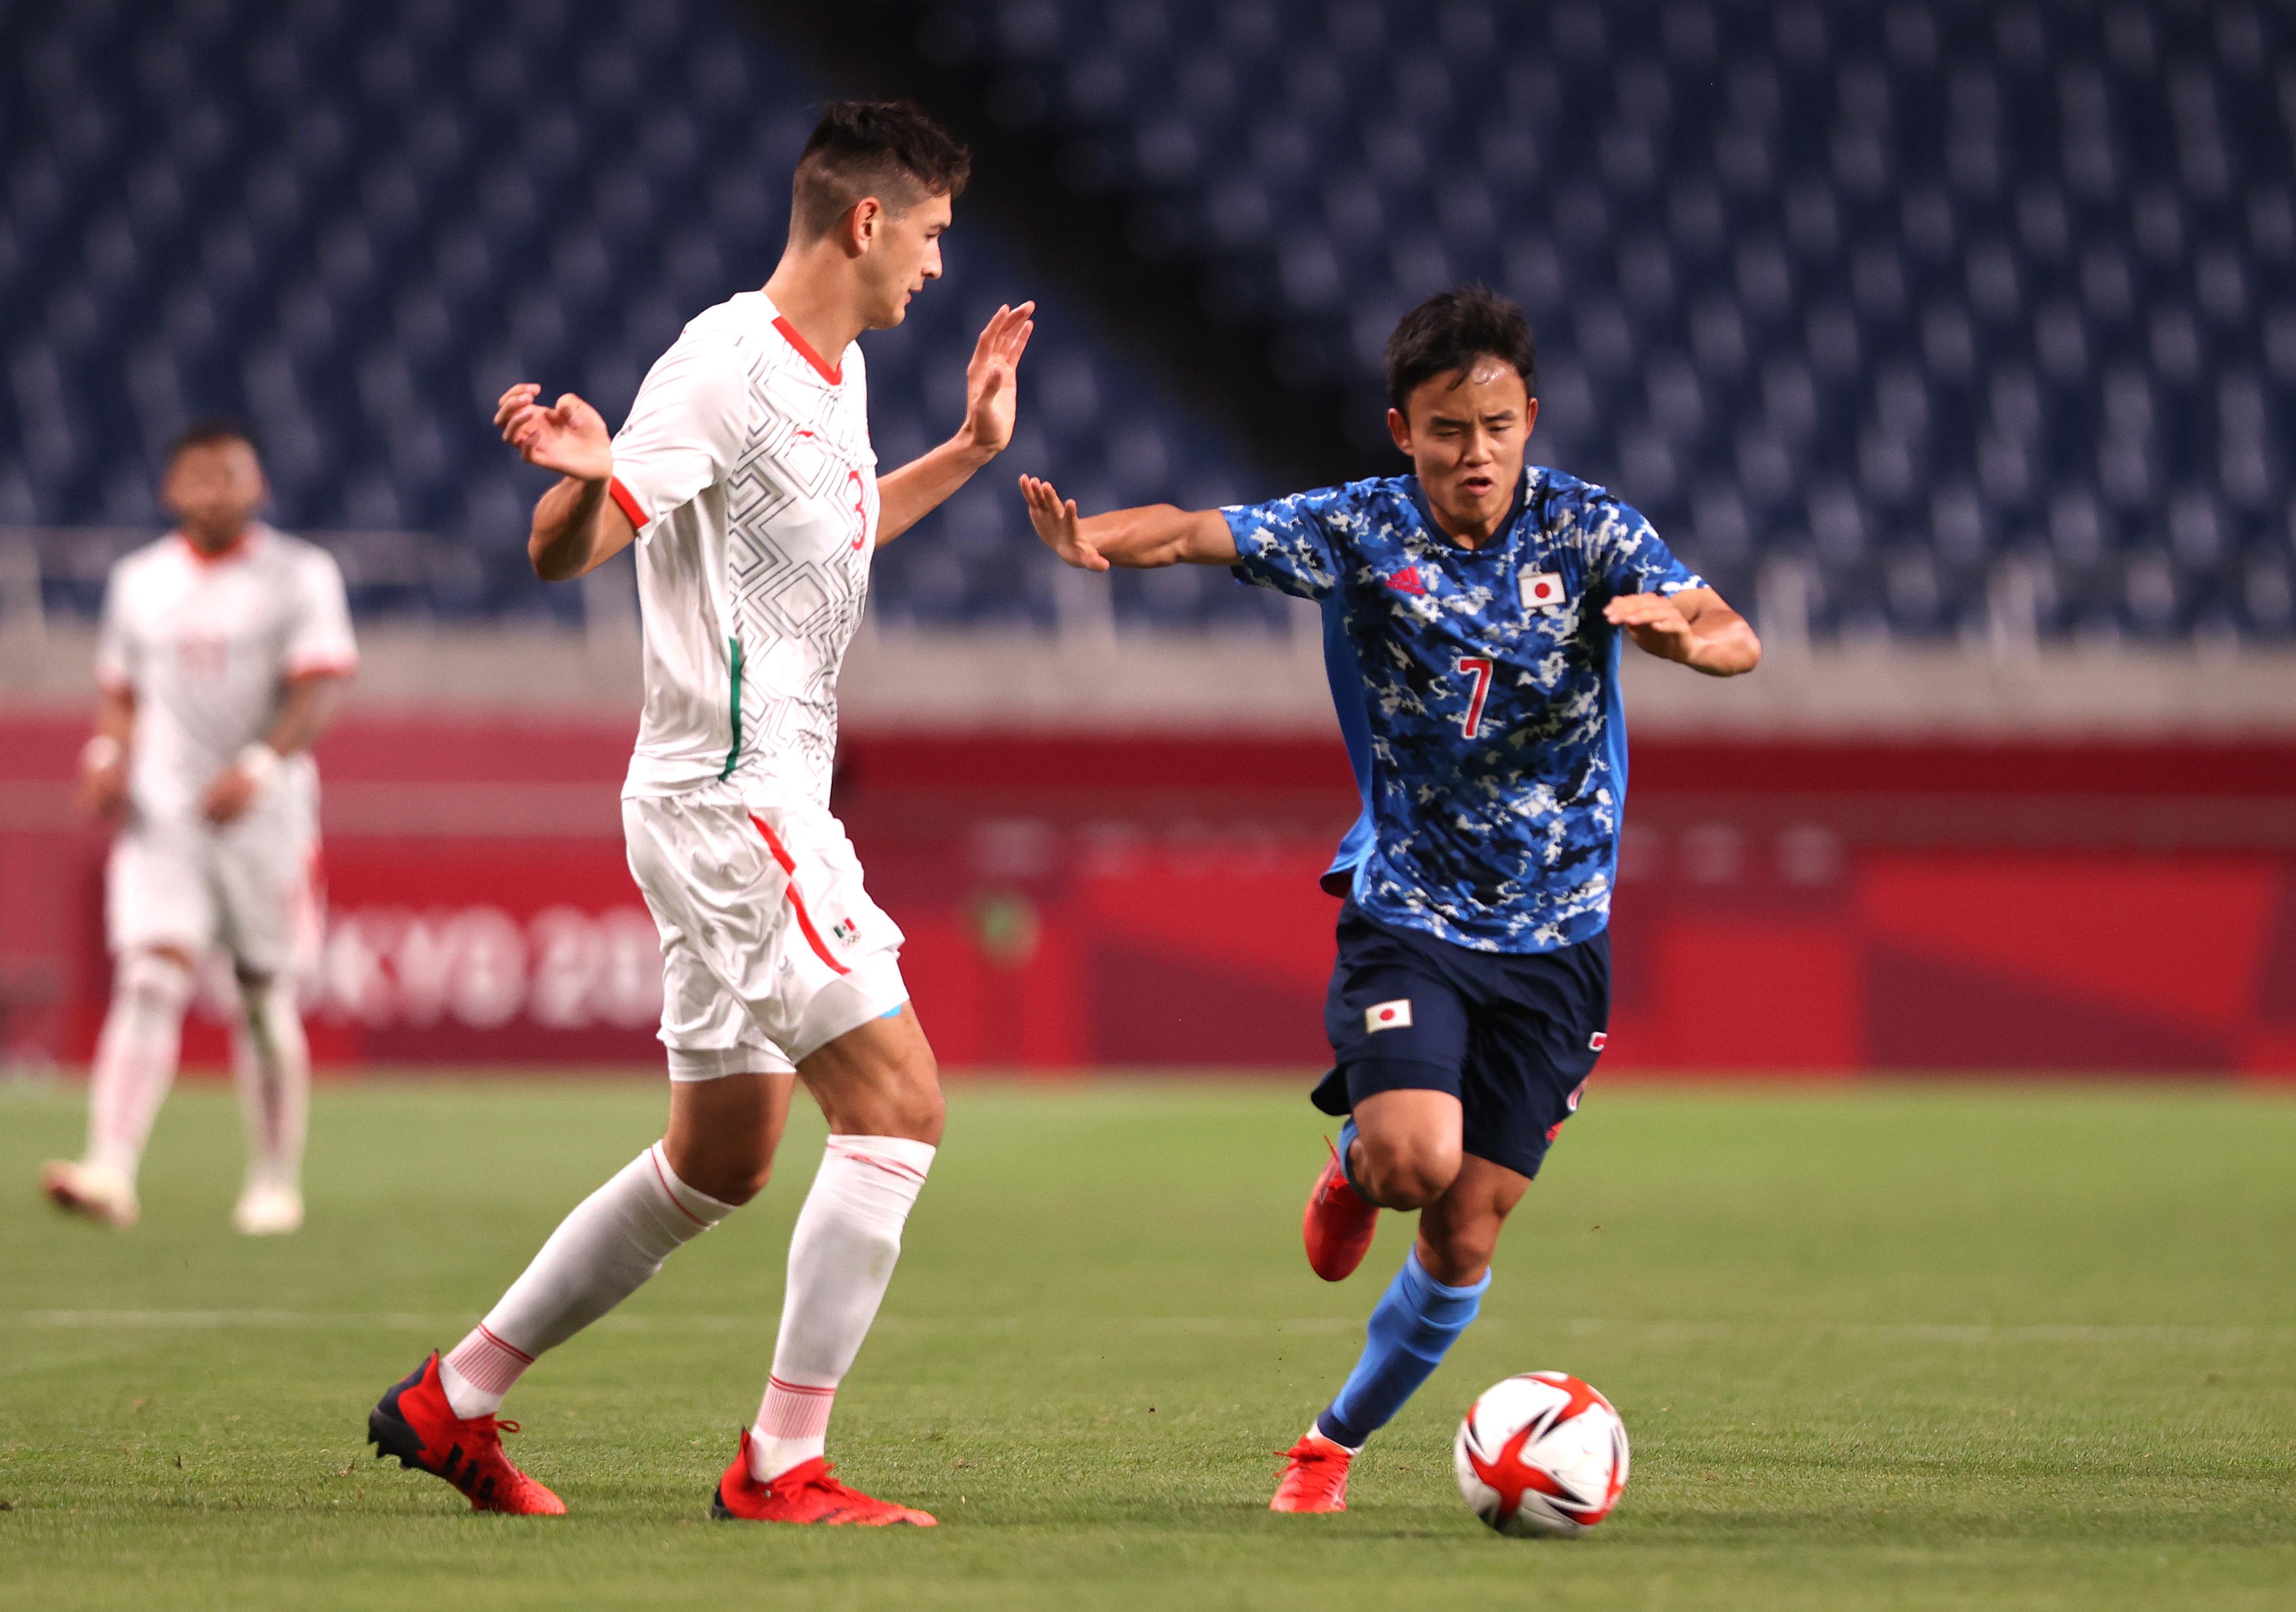 Japan v Mexico: Men's Football - Olympics: Day 2